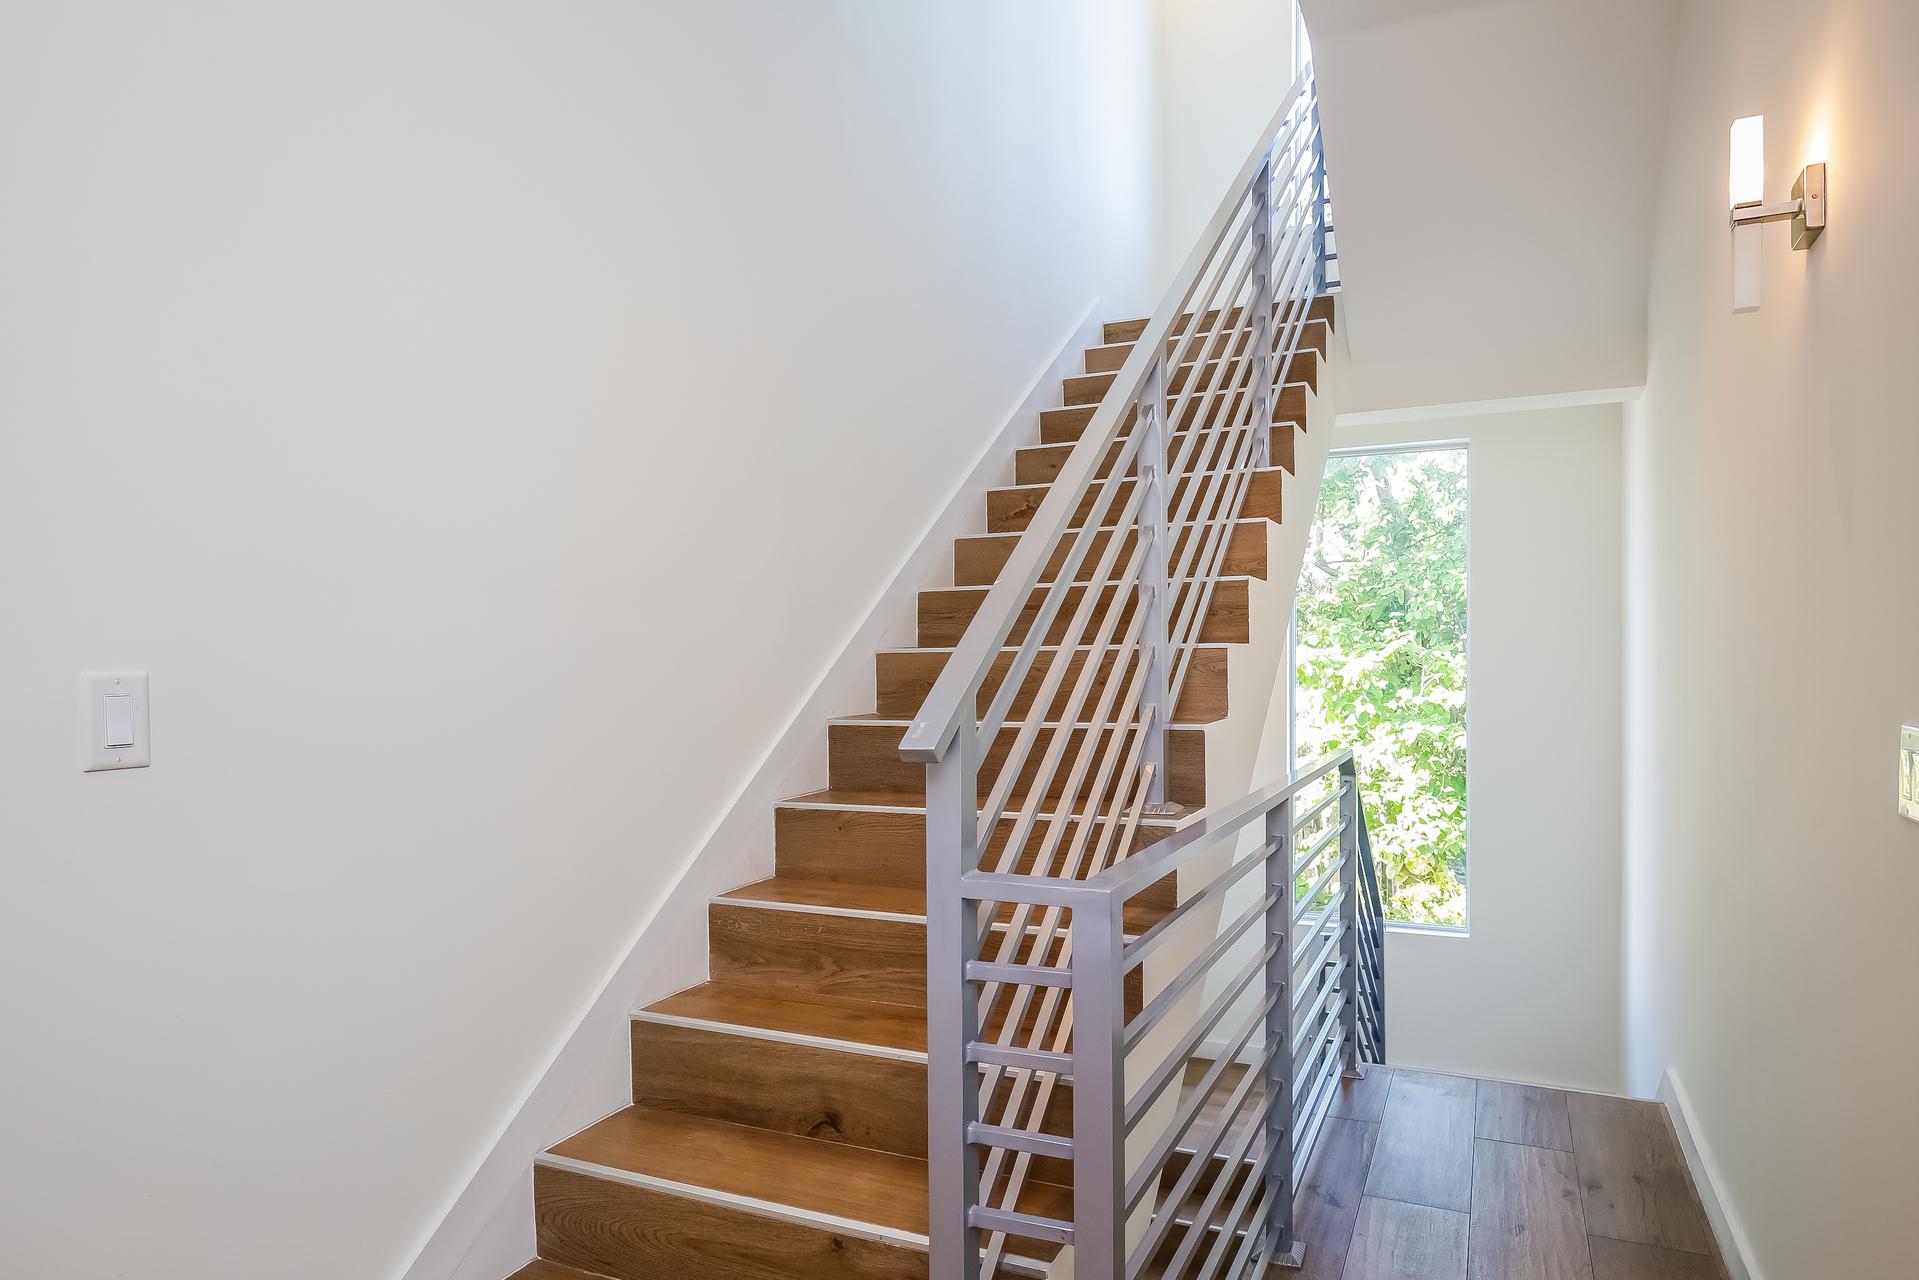 017-Stairwell-5037889-medium